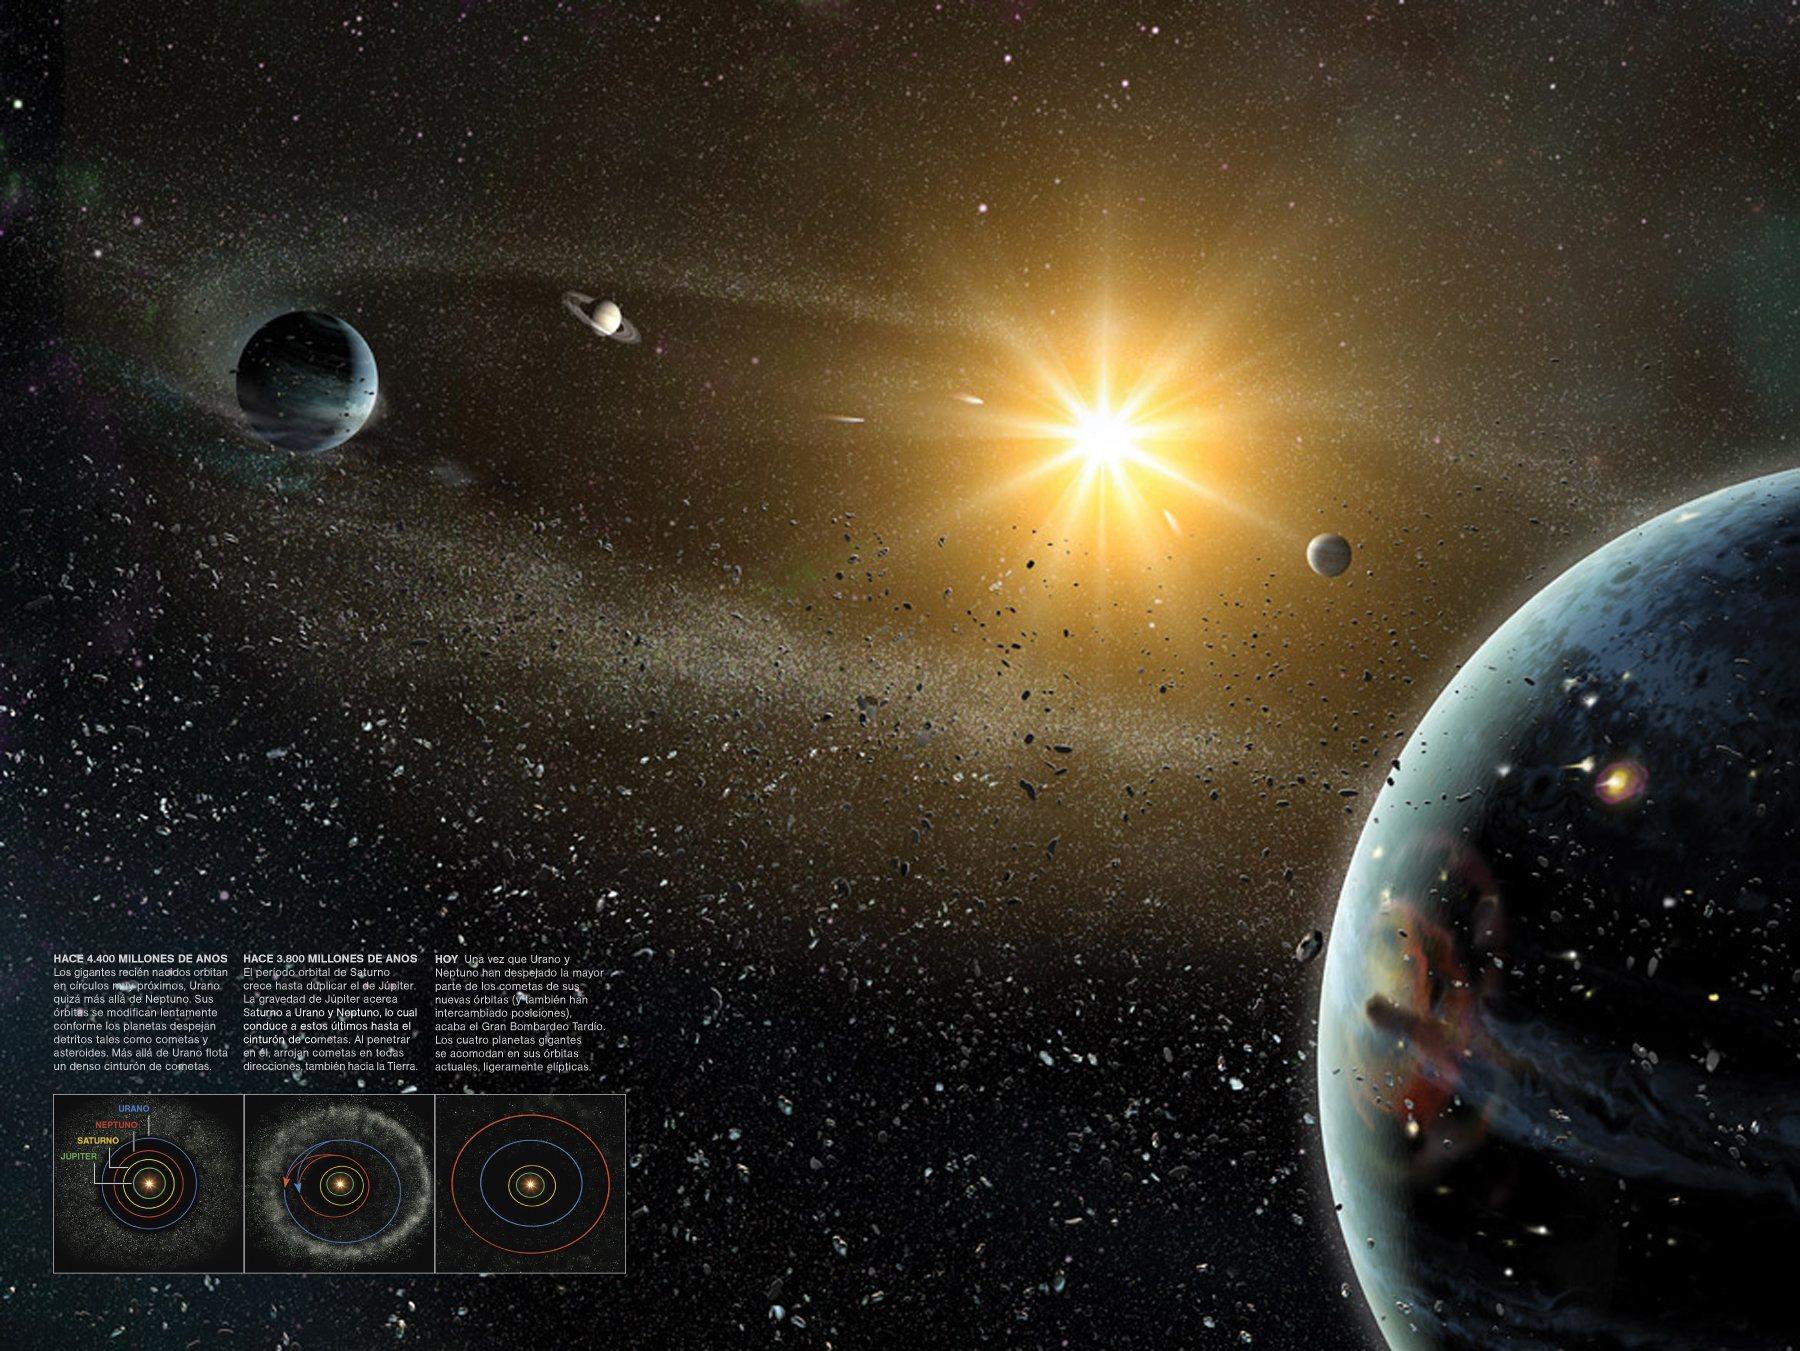 Resultado de imaxes para: sistema solar fotos del national geographic